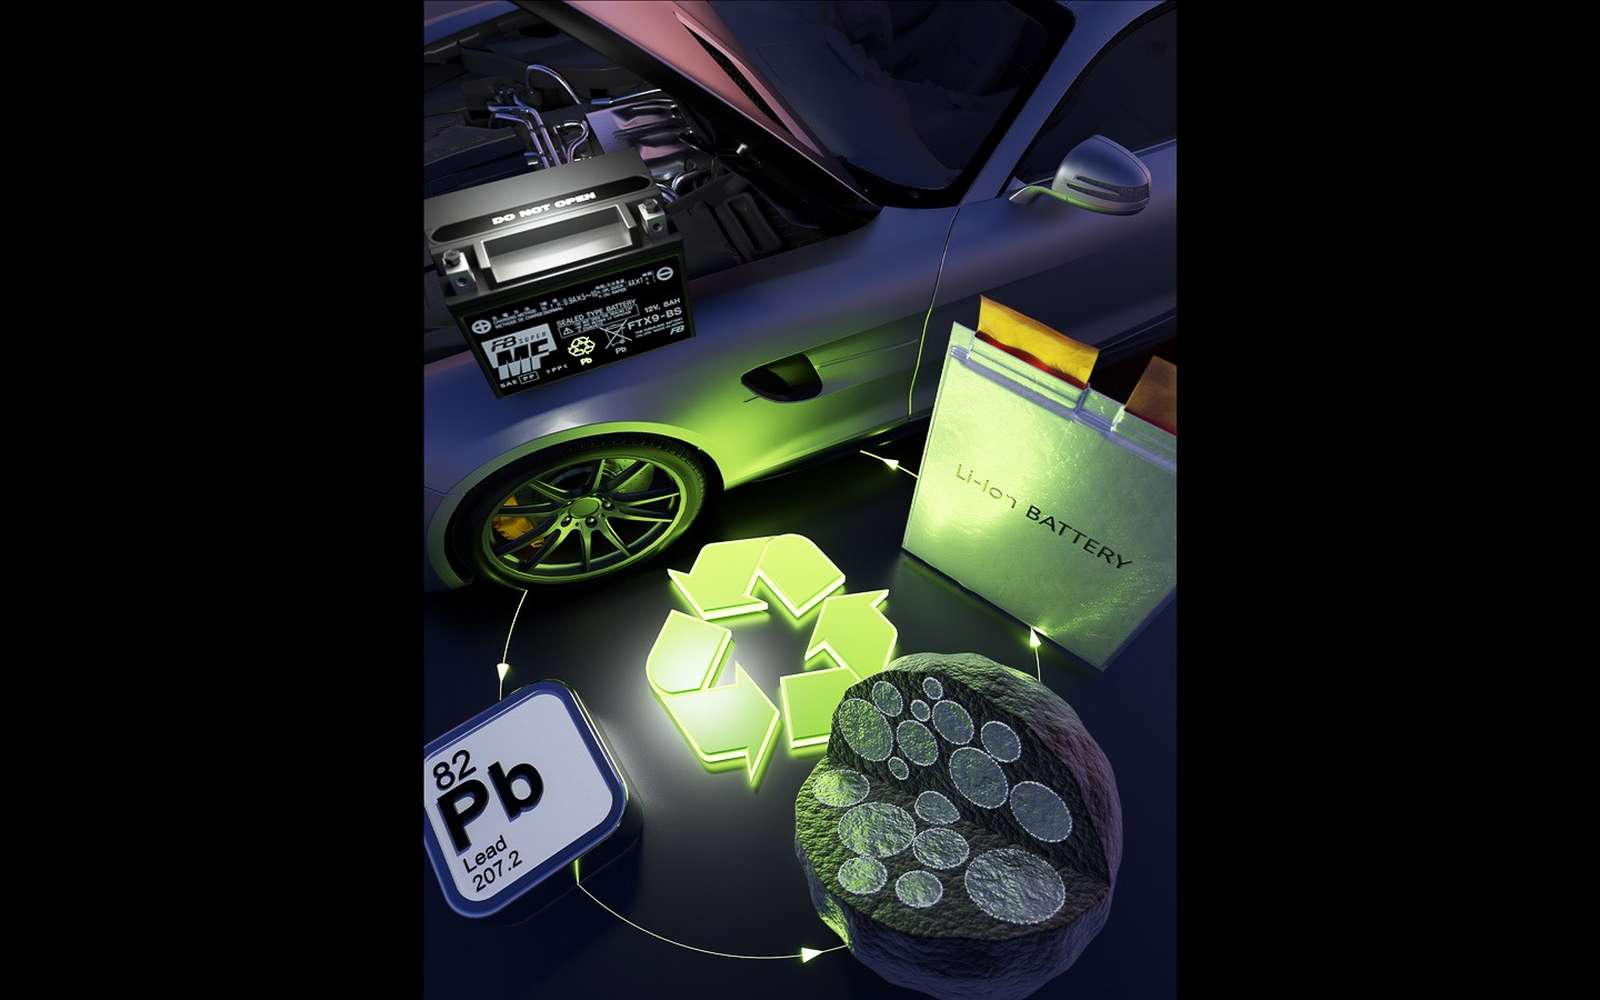 Une nouvelle anode au plomb pourrait doubler la capacité des batteries lithium-ion © Scapiens Inc., Argonne National Laboratory and Ulsan National Institute of Science and Technology